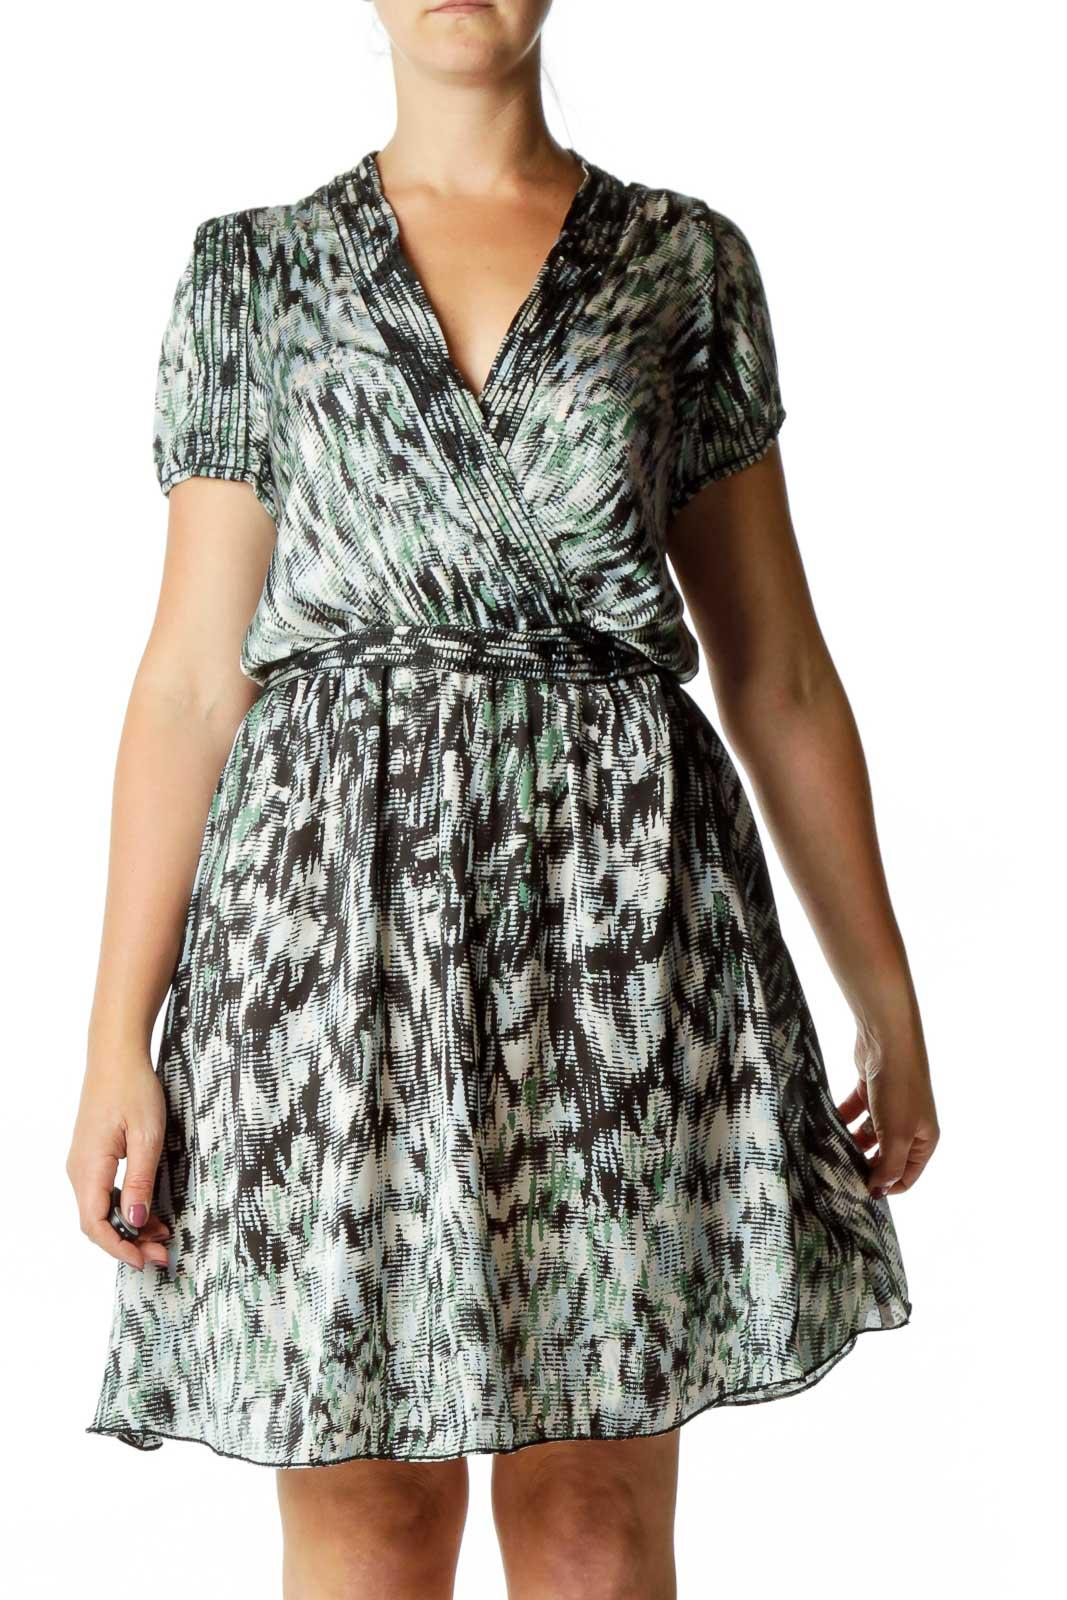 Black Green Blue V-Neck Work Dress Front